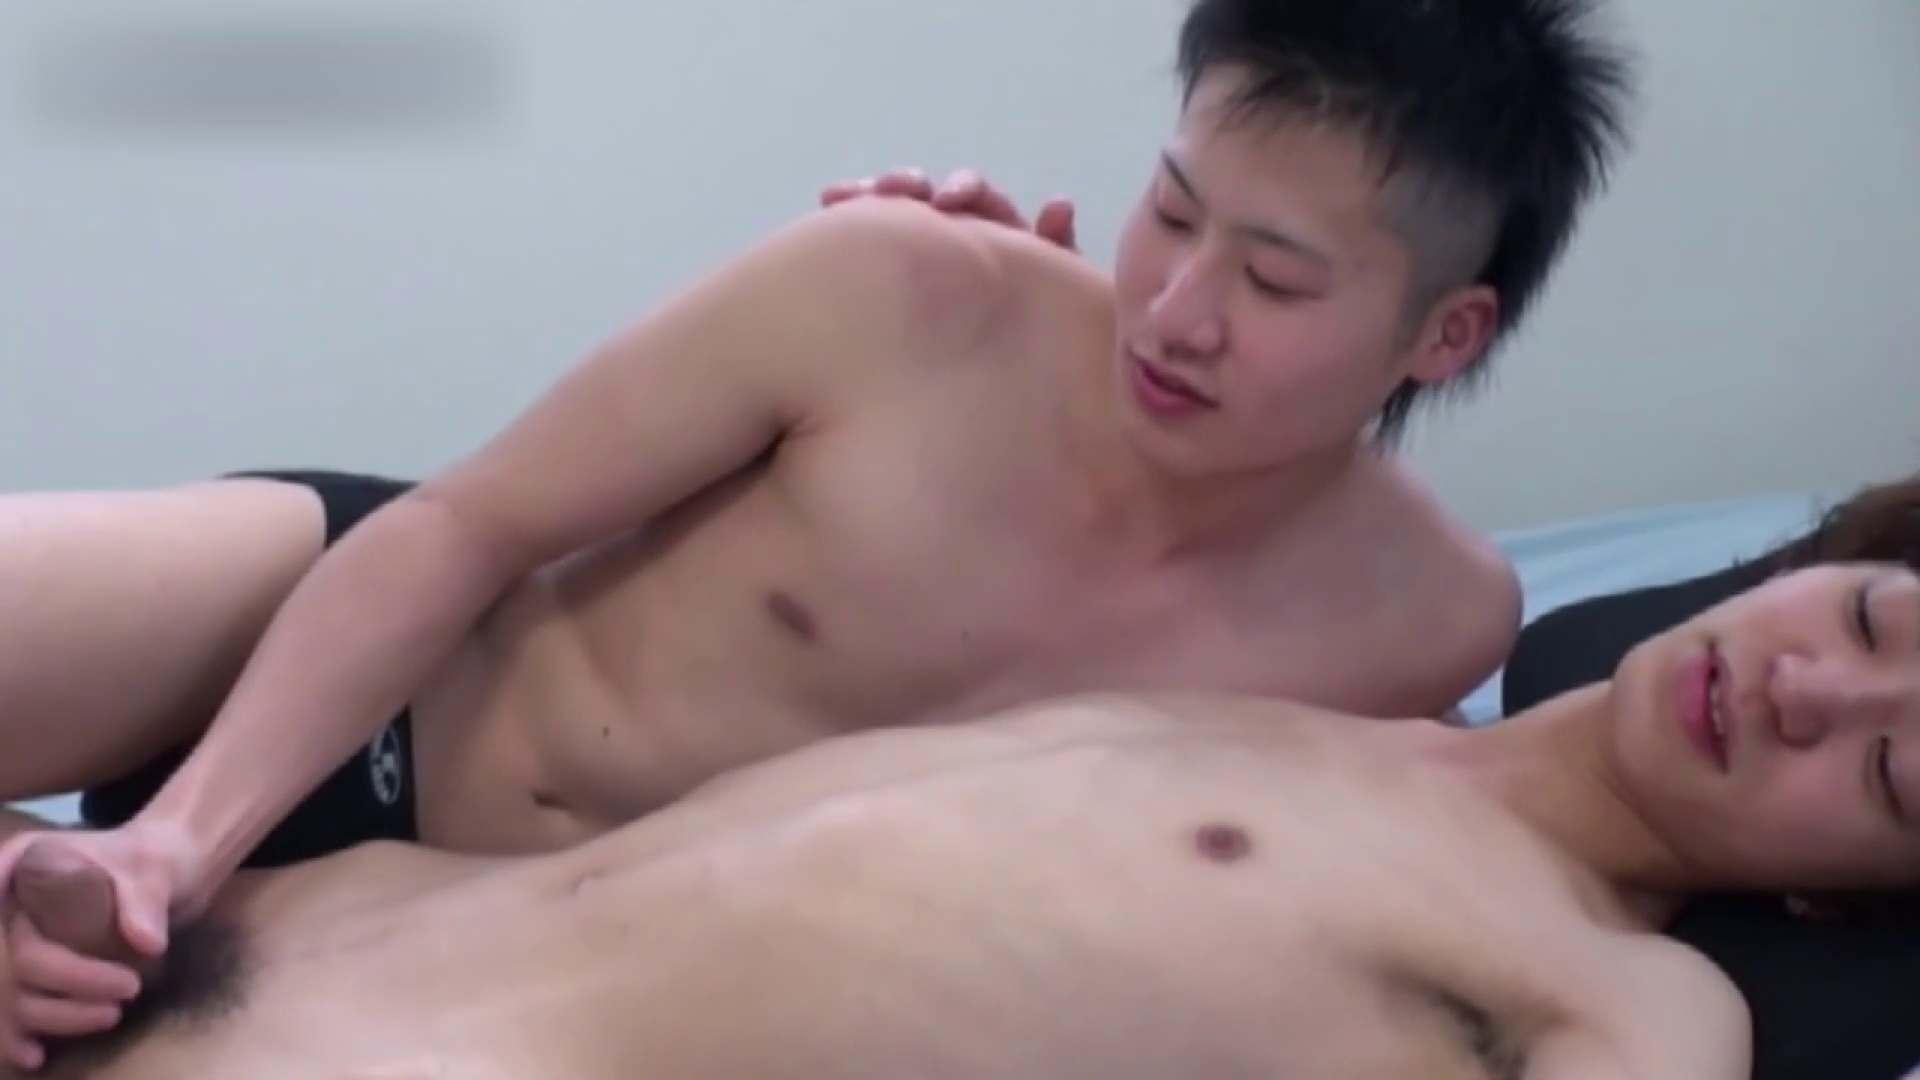 イケイケMEN'SCLUB vol.26前編 エロ  104pic 65